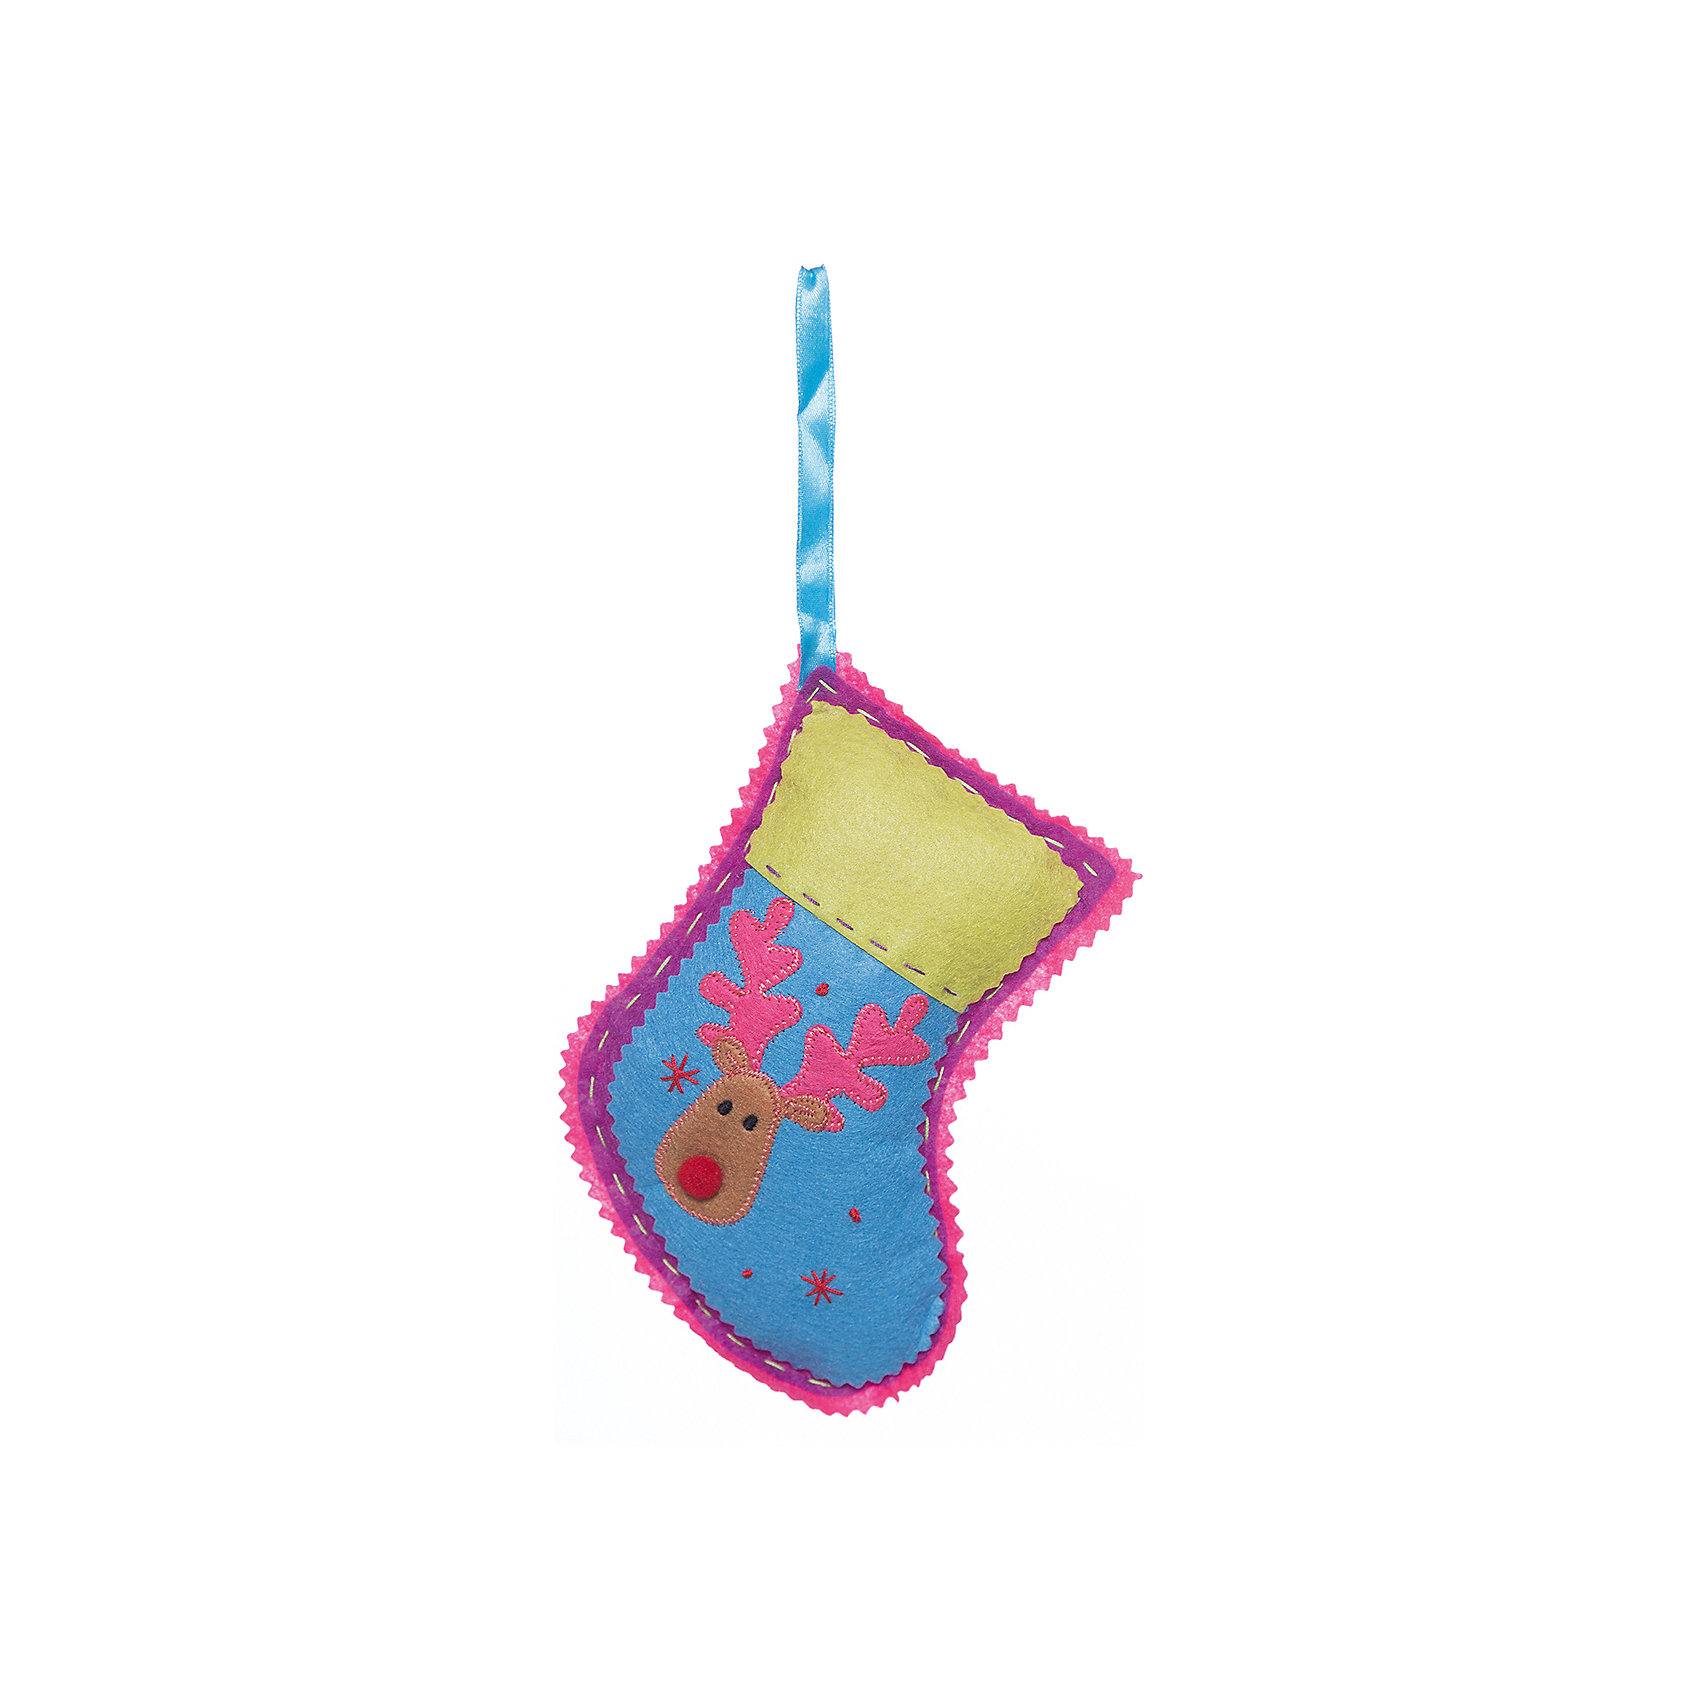 Украшение из ткани Носок 18 смВсё для праздника<br>Новогоднее подвесное украшение из ткани-25342 (полиэстер) Носок 18 см<br><br>Ширина мм: 180<br>Глубина мм: 20<br>Высота мм: 100<br>Вес г: 27<br>Возраст от месяцев: 60<br>Возраст до месяцев: 600<br>Пол: Унисекс<br>Возраст: Детский<br>SKU: 5144620